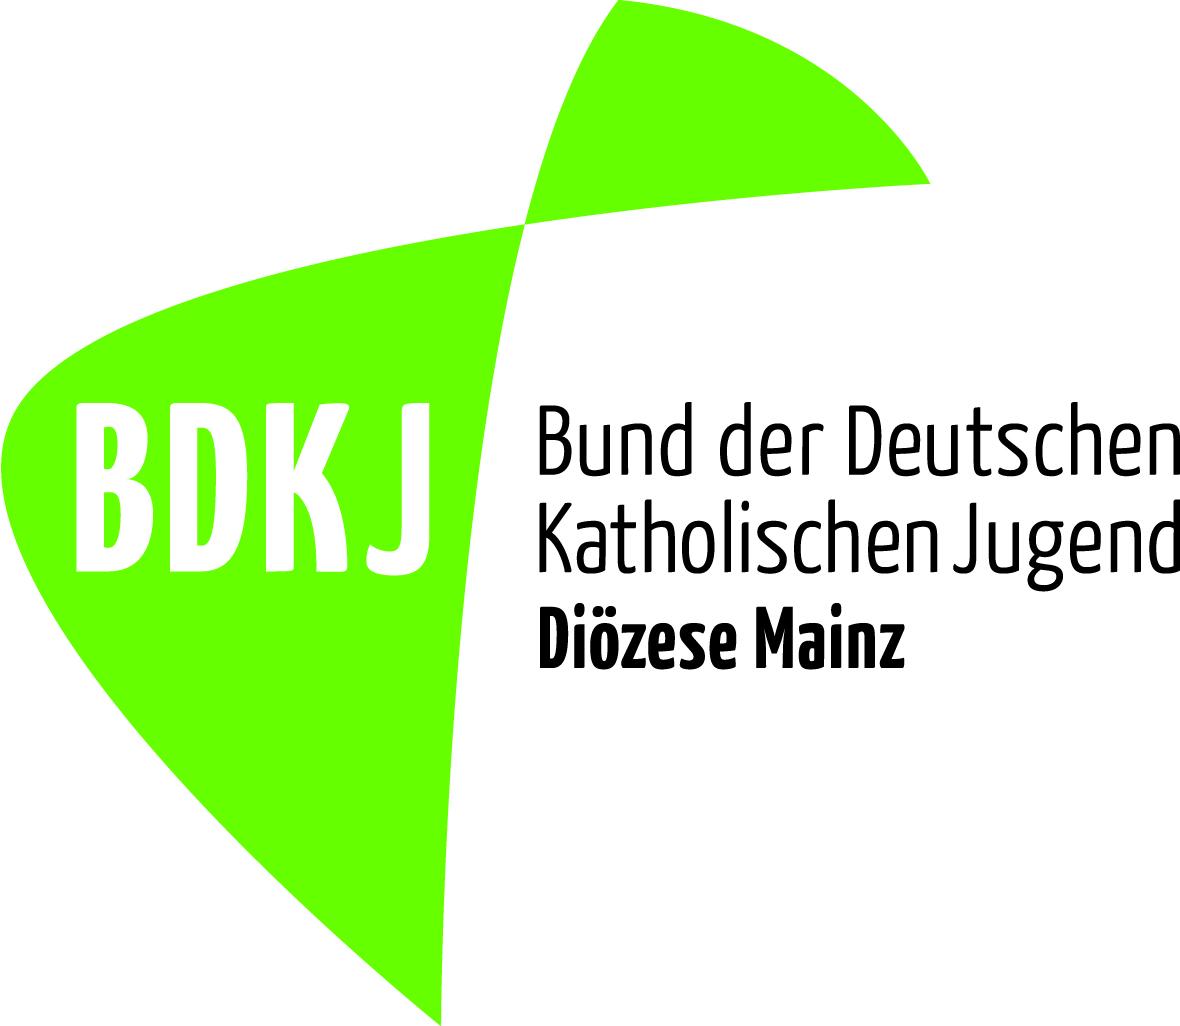 BDKJ Diözese Mainz